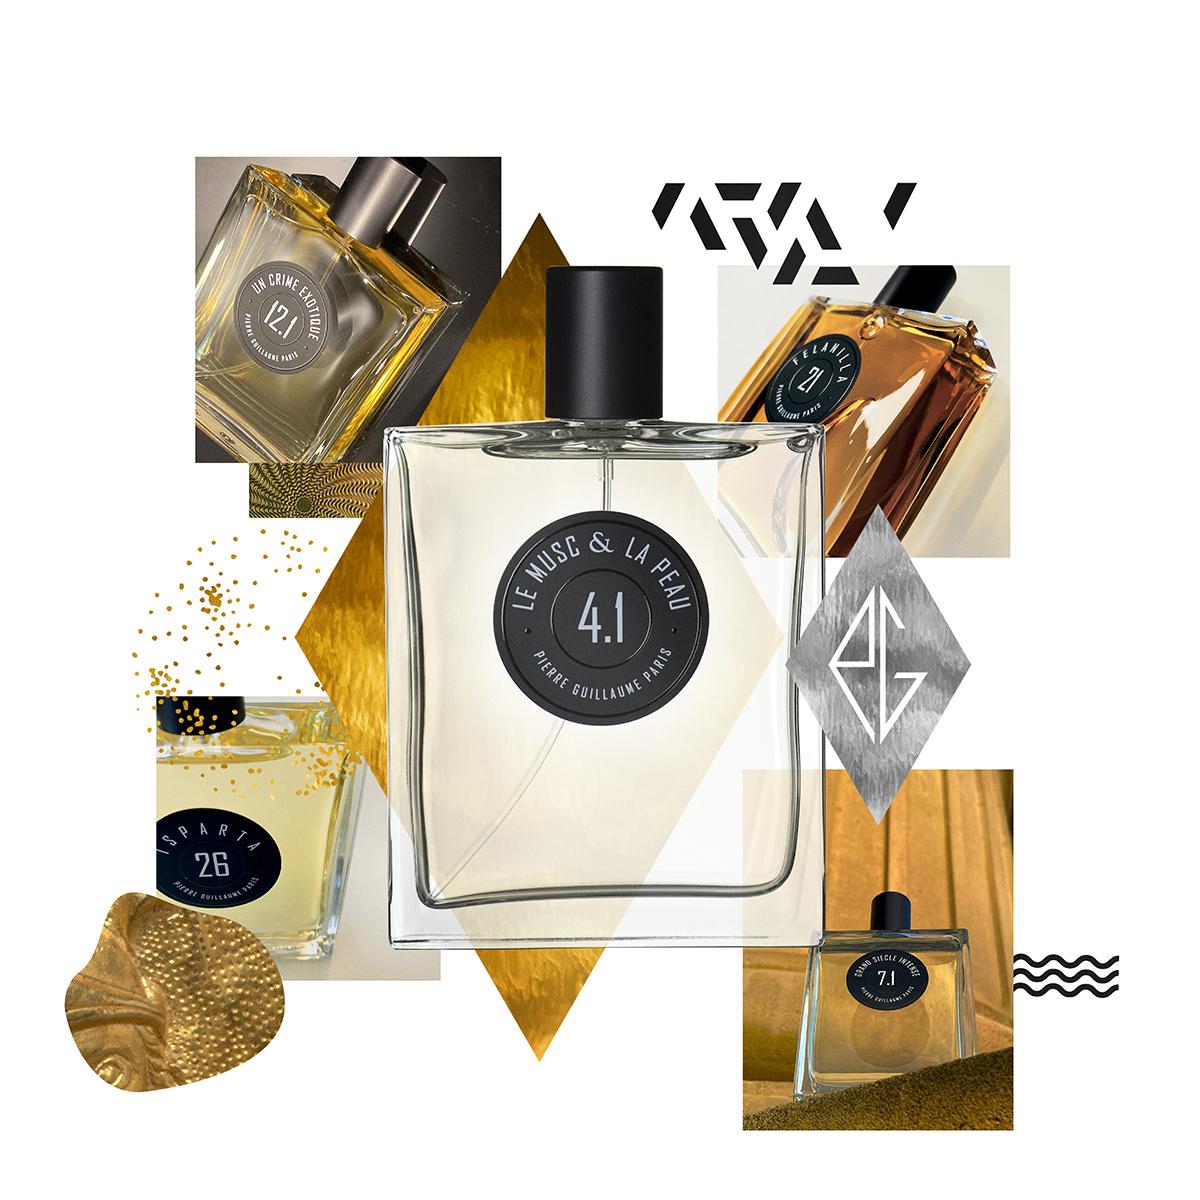 Pierre Guillaume Paris - Parfumeur indépendant, créateur et fabricant de parfums contemporains, poétiques et portables.